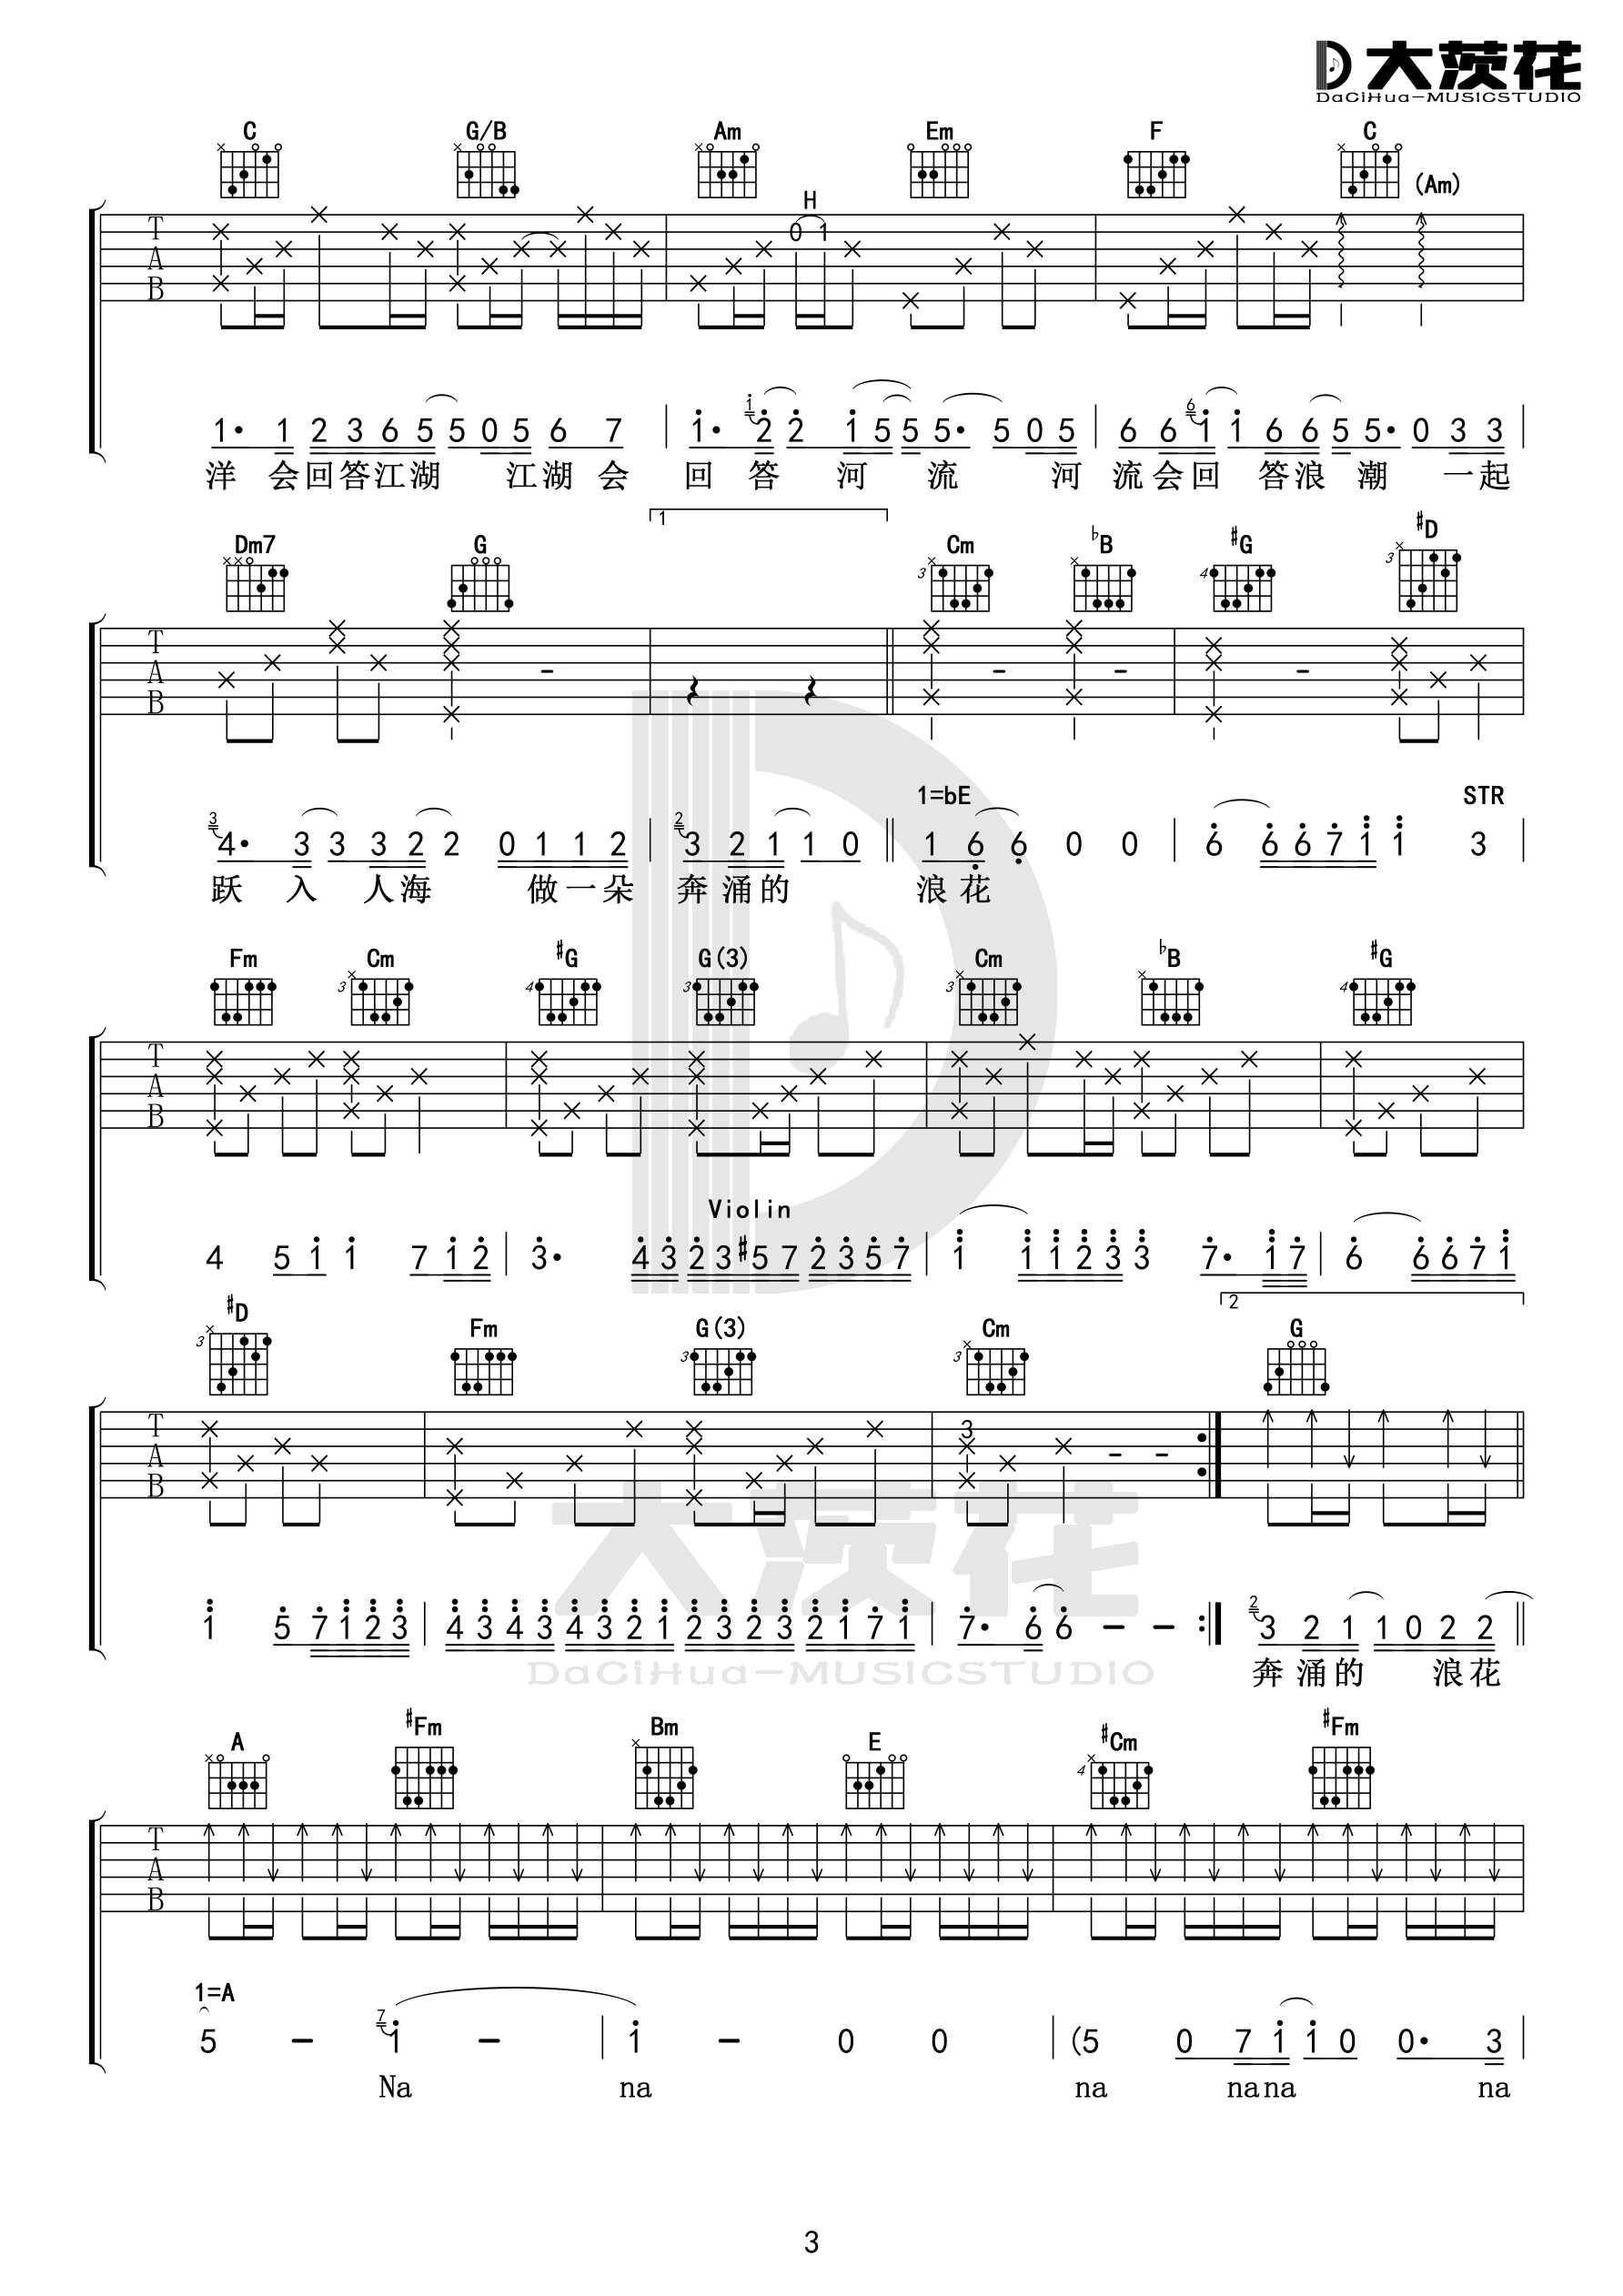 入海 (小宁制谱)吉他谱(图片谱,弹唱)_毛不易(王维家)_DCH 入海吉他谱03.jpg